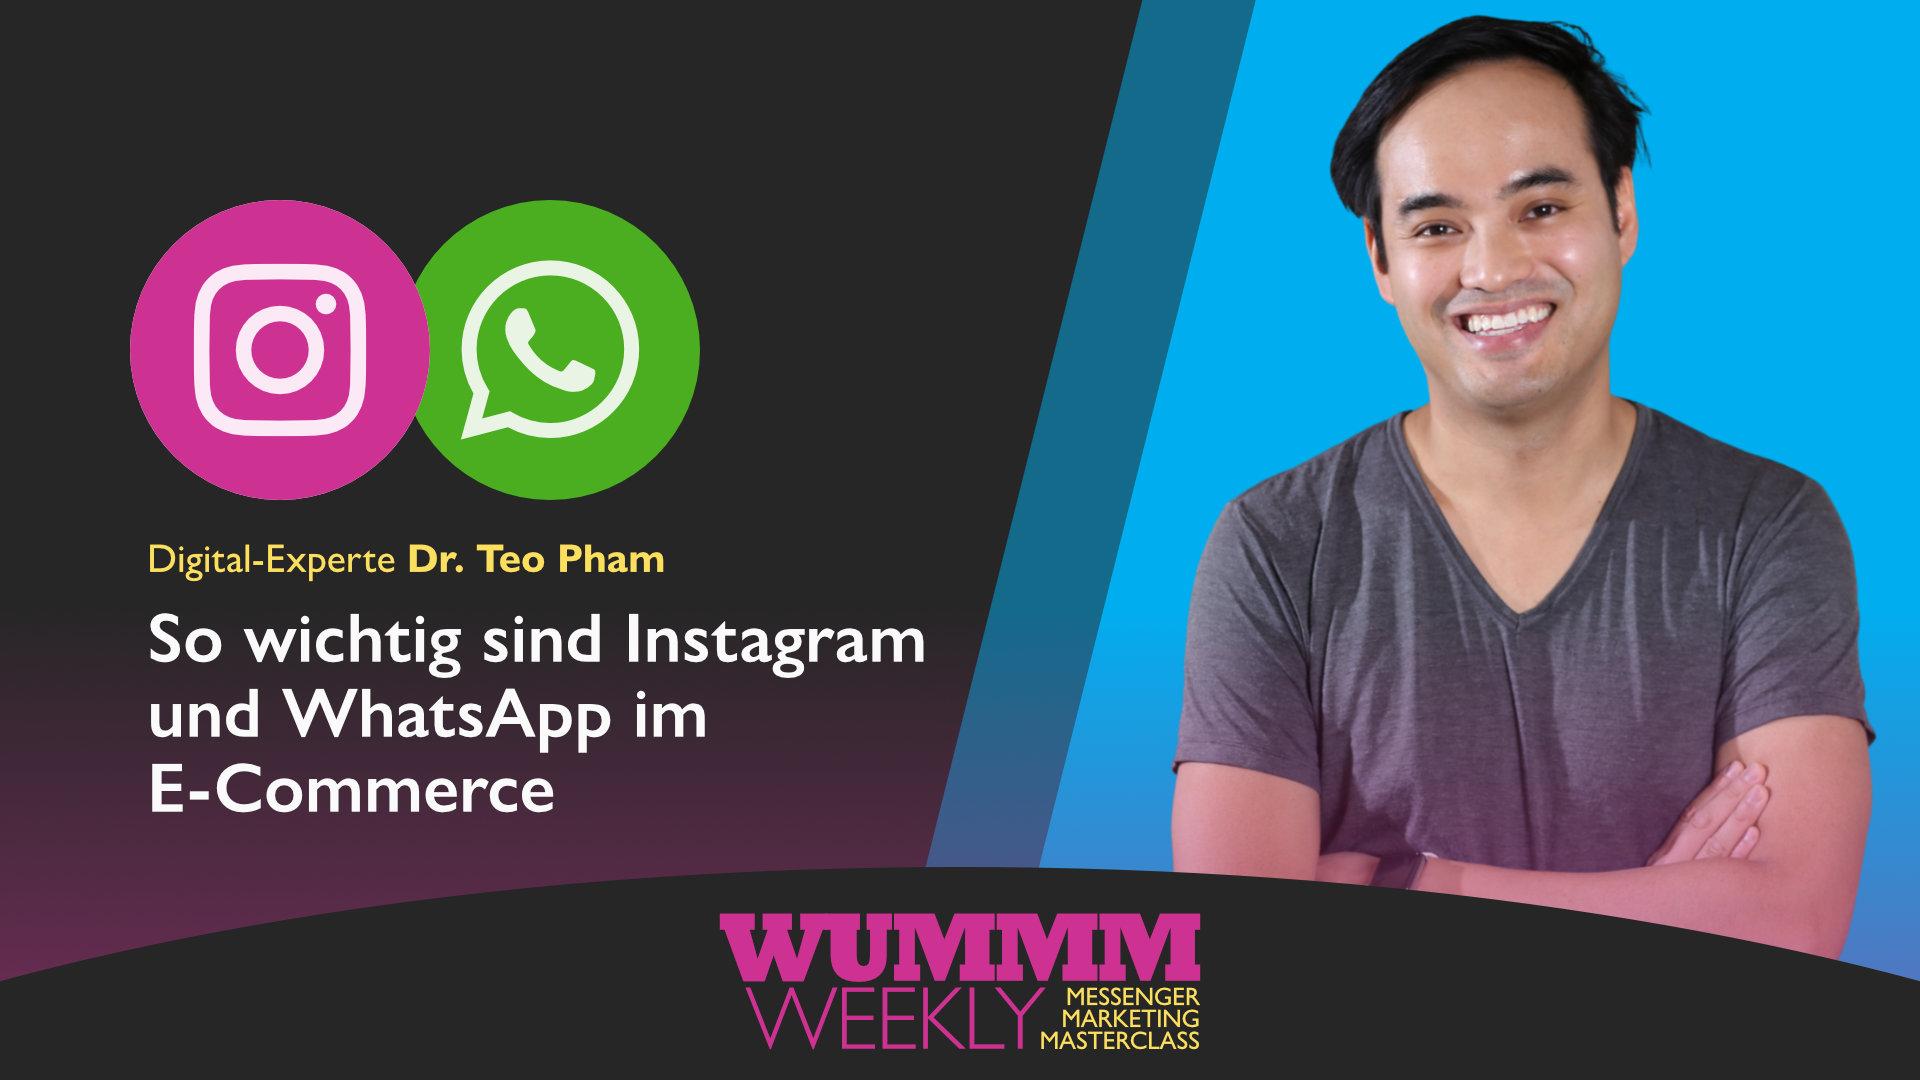 WUMMM Teo